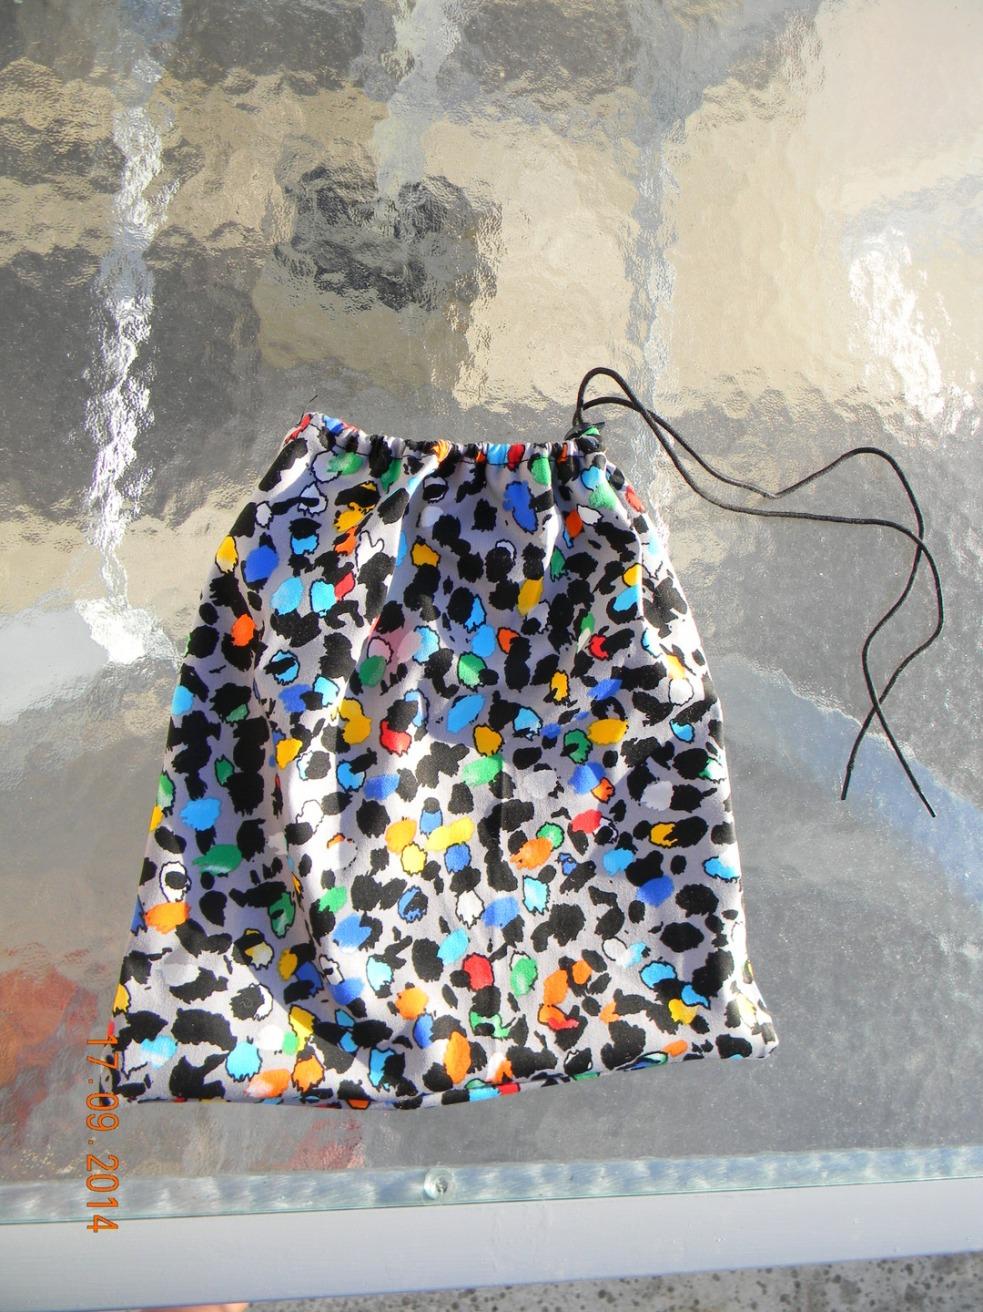 sacs-enfants-sac-a-doudou-multicolore-pour-enfa-10442495-dscn3157-2db3c-32de2_big